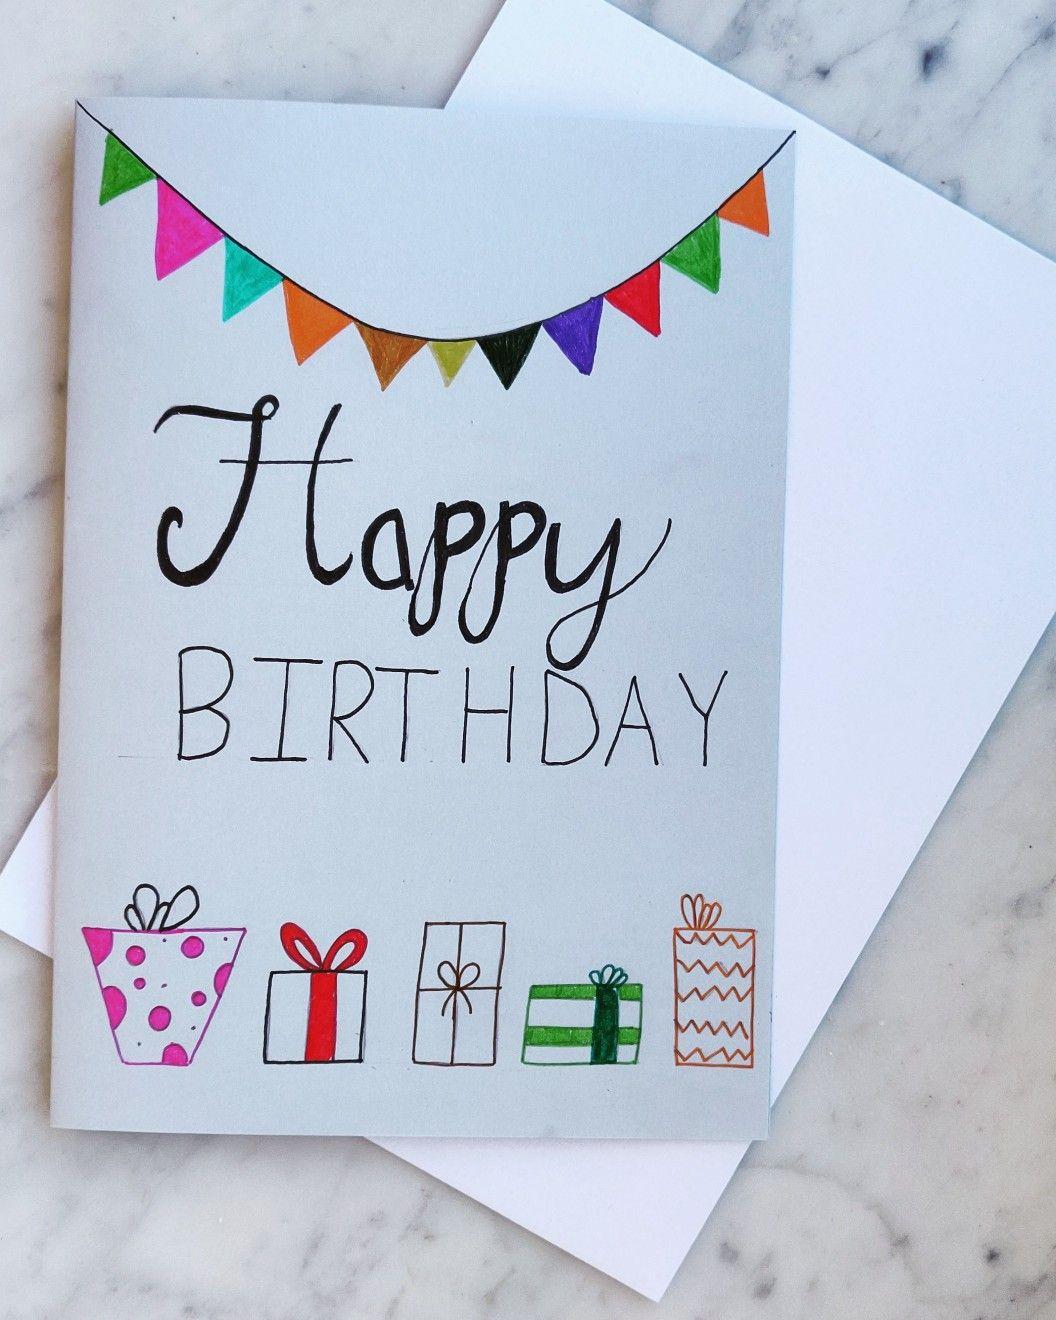 Colorful Birthday Card Birthday Cards Birthday Card Drawing Handmade Birthday Cards